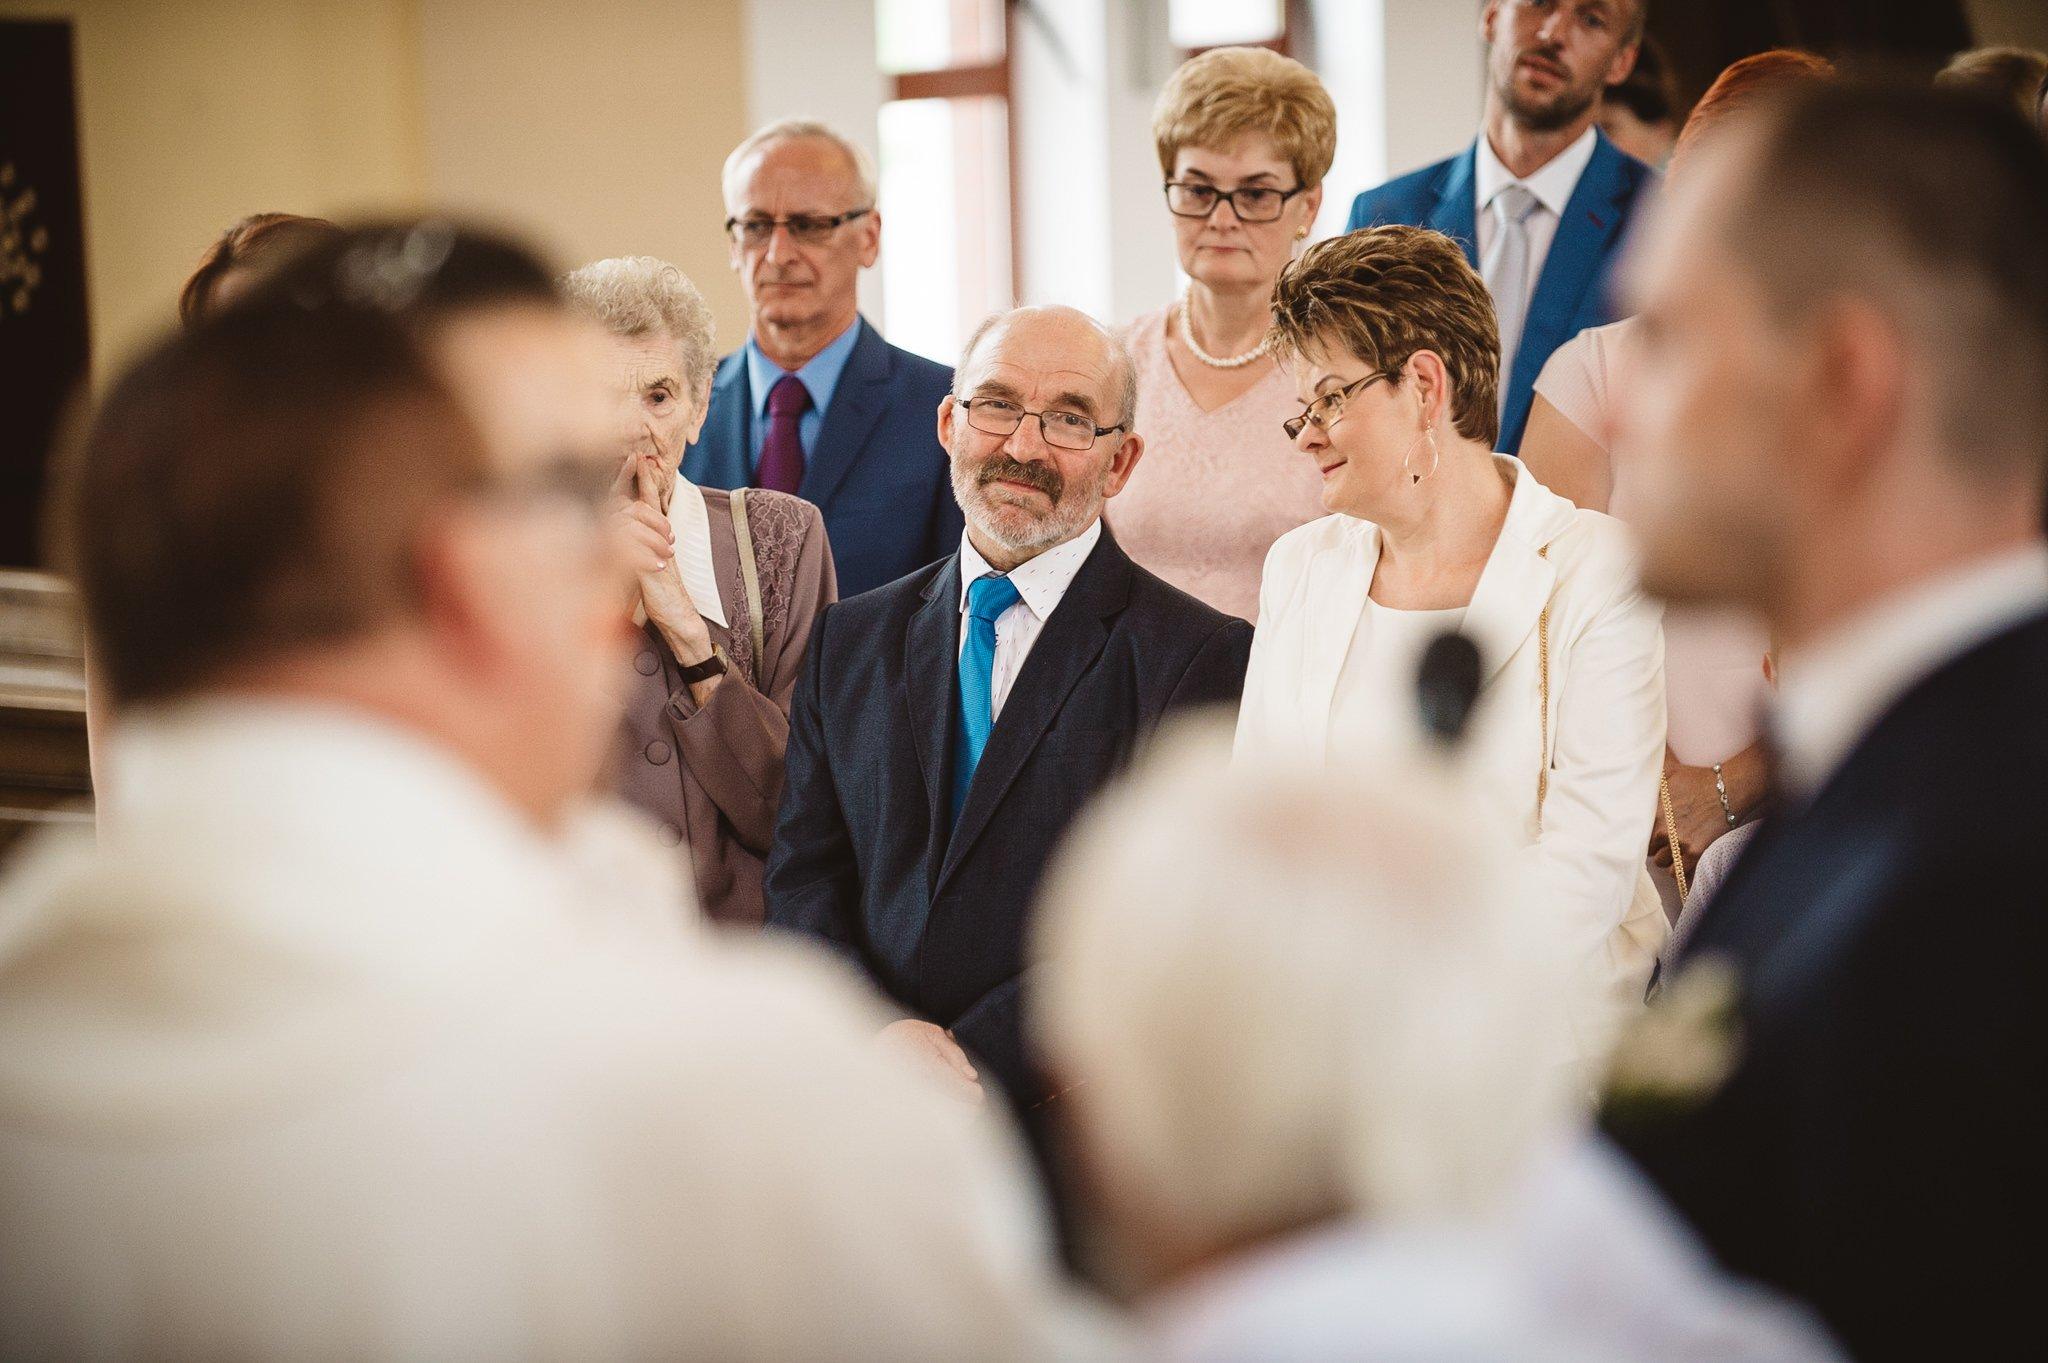 Ala i Arek, czyli jak zorganizować ślub i wesele w 4 tygodnie! 97